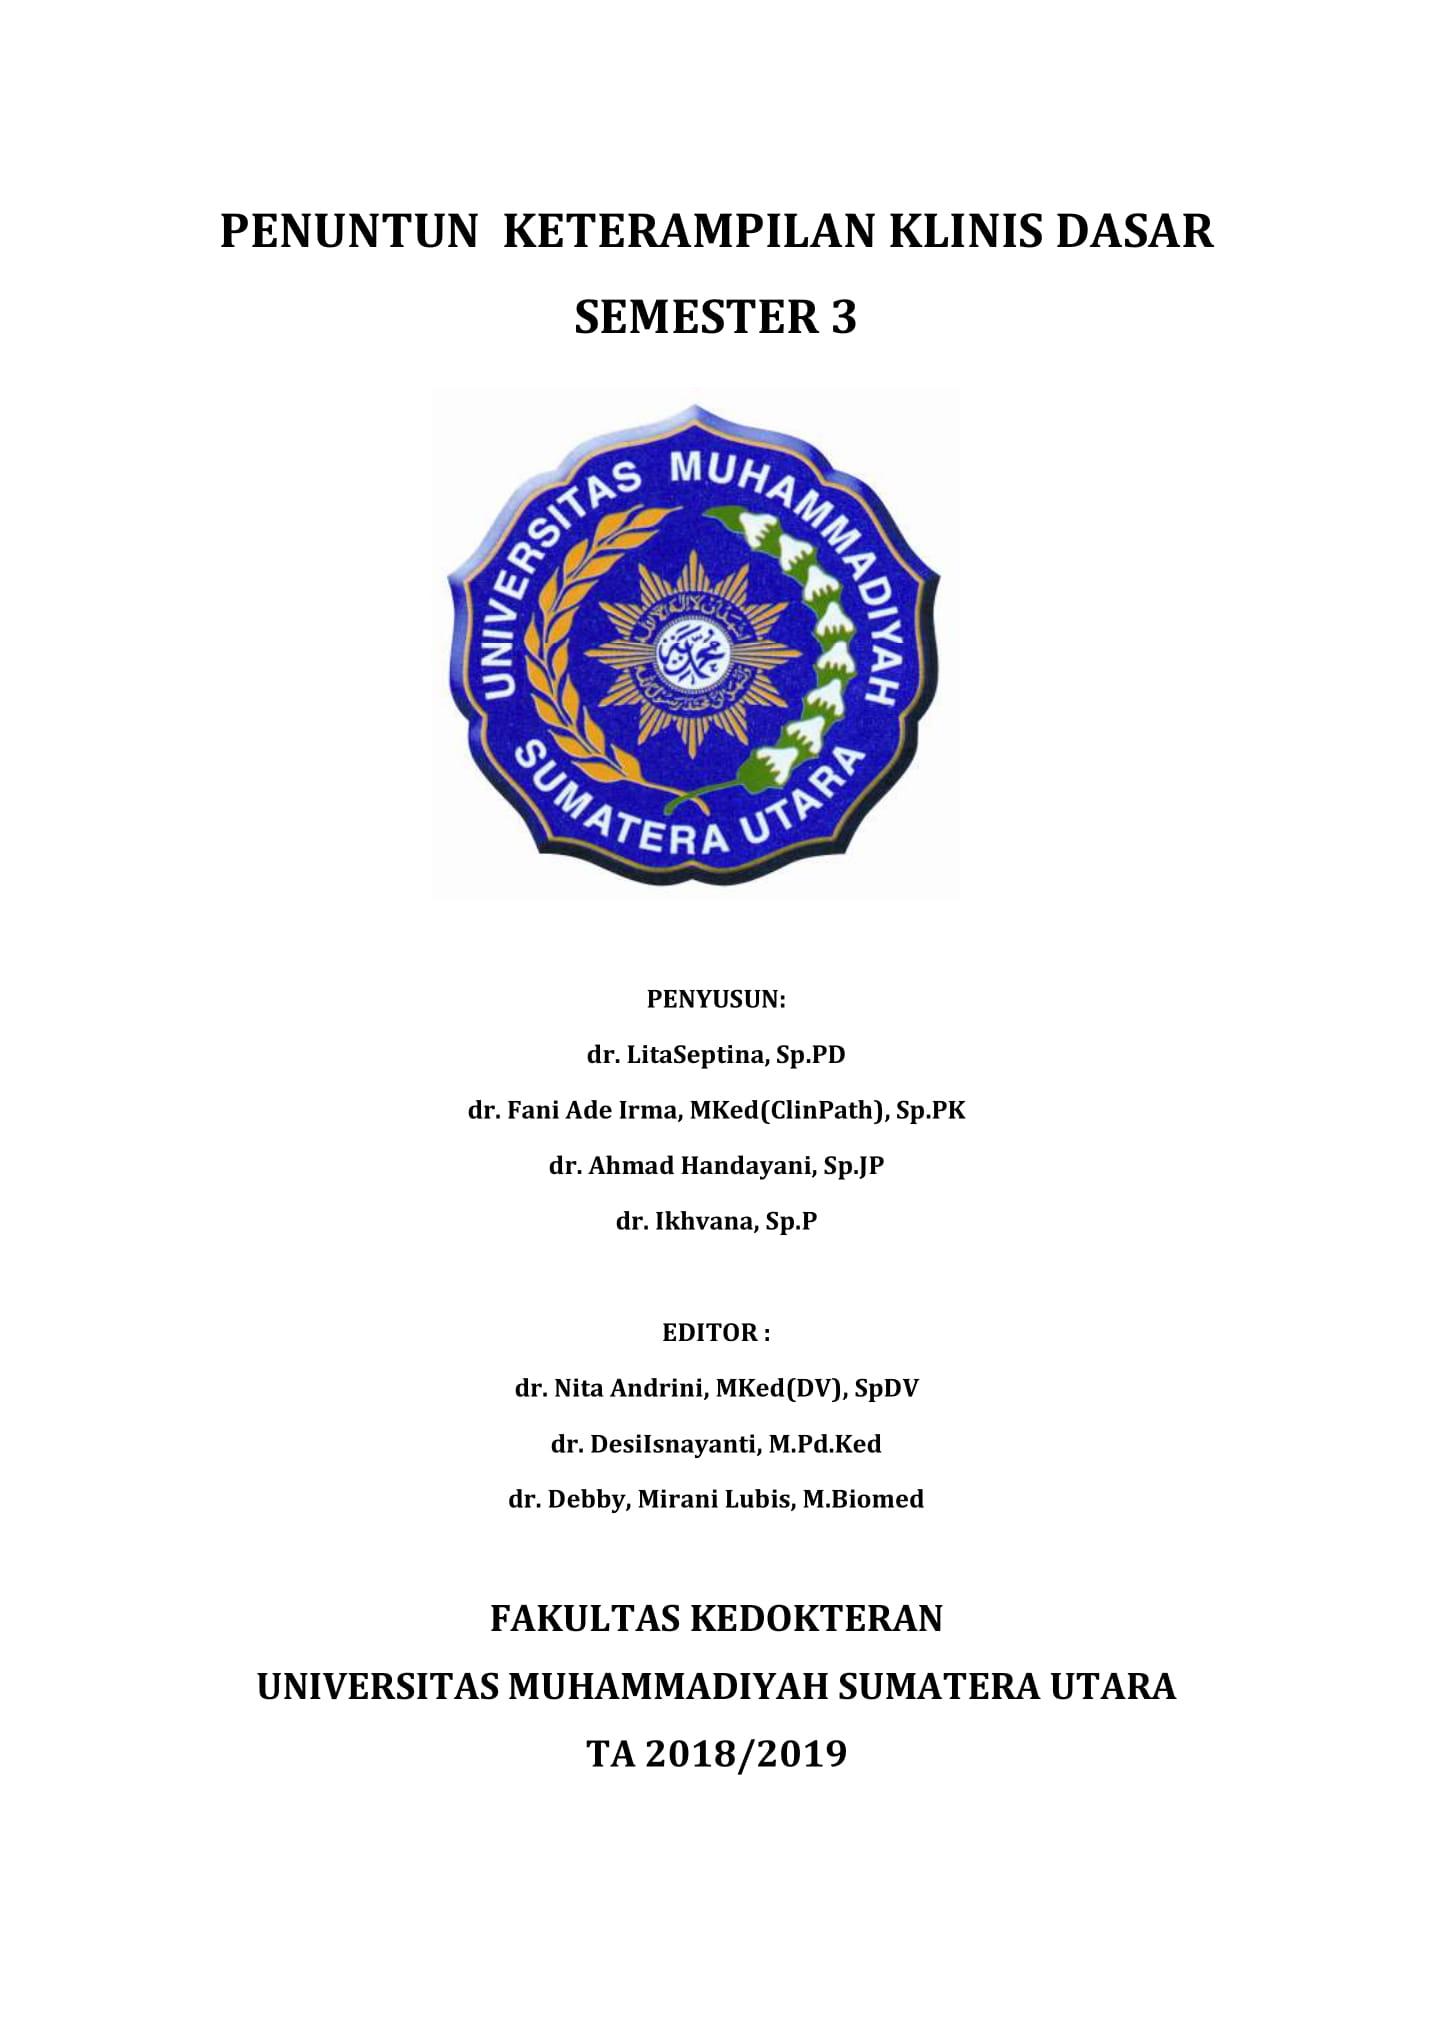 Penuntun KKD Semester 3 2018-2019